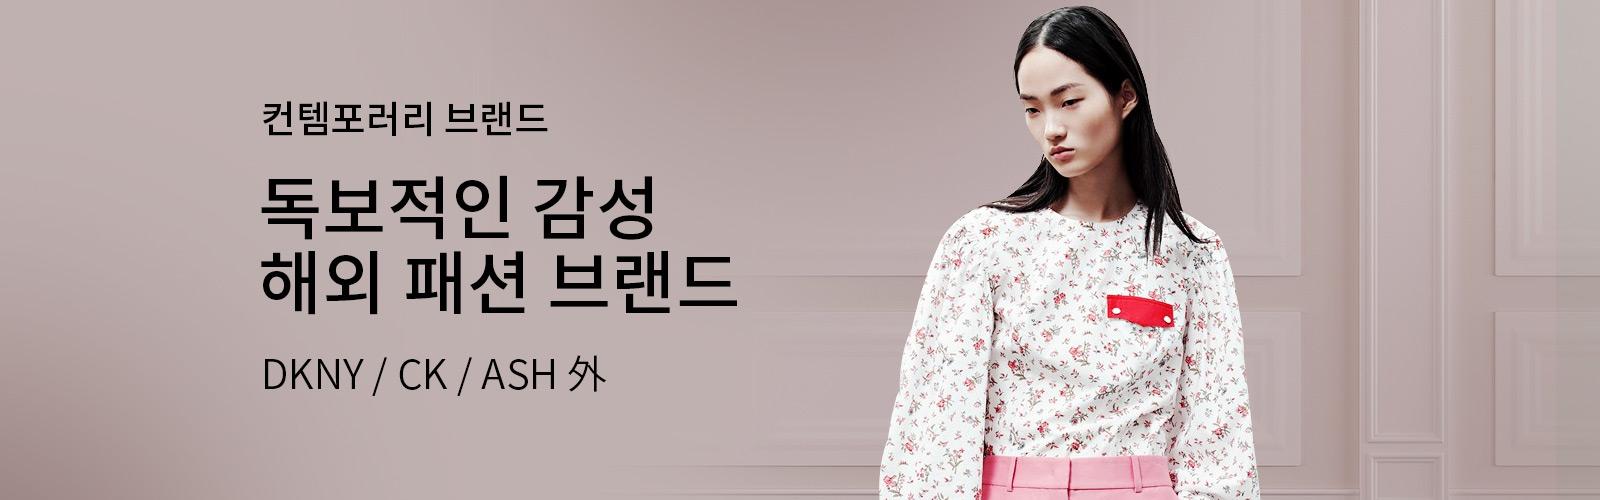 컨템포러리 브랜드 독보적인 감성 해외 패션 브랜드 DKNY/CK/ASH 외